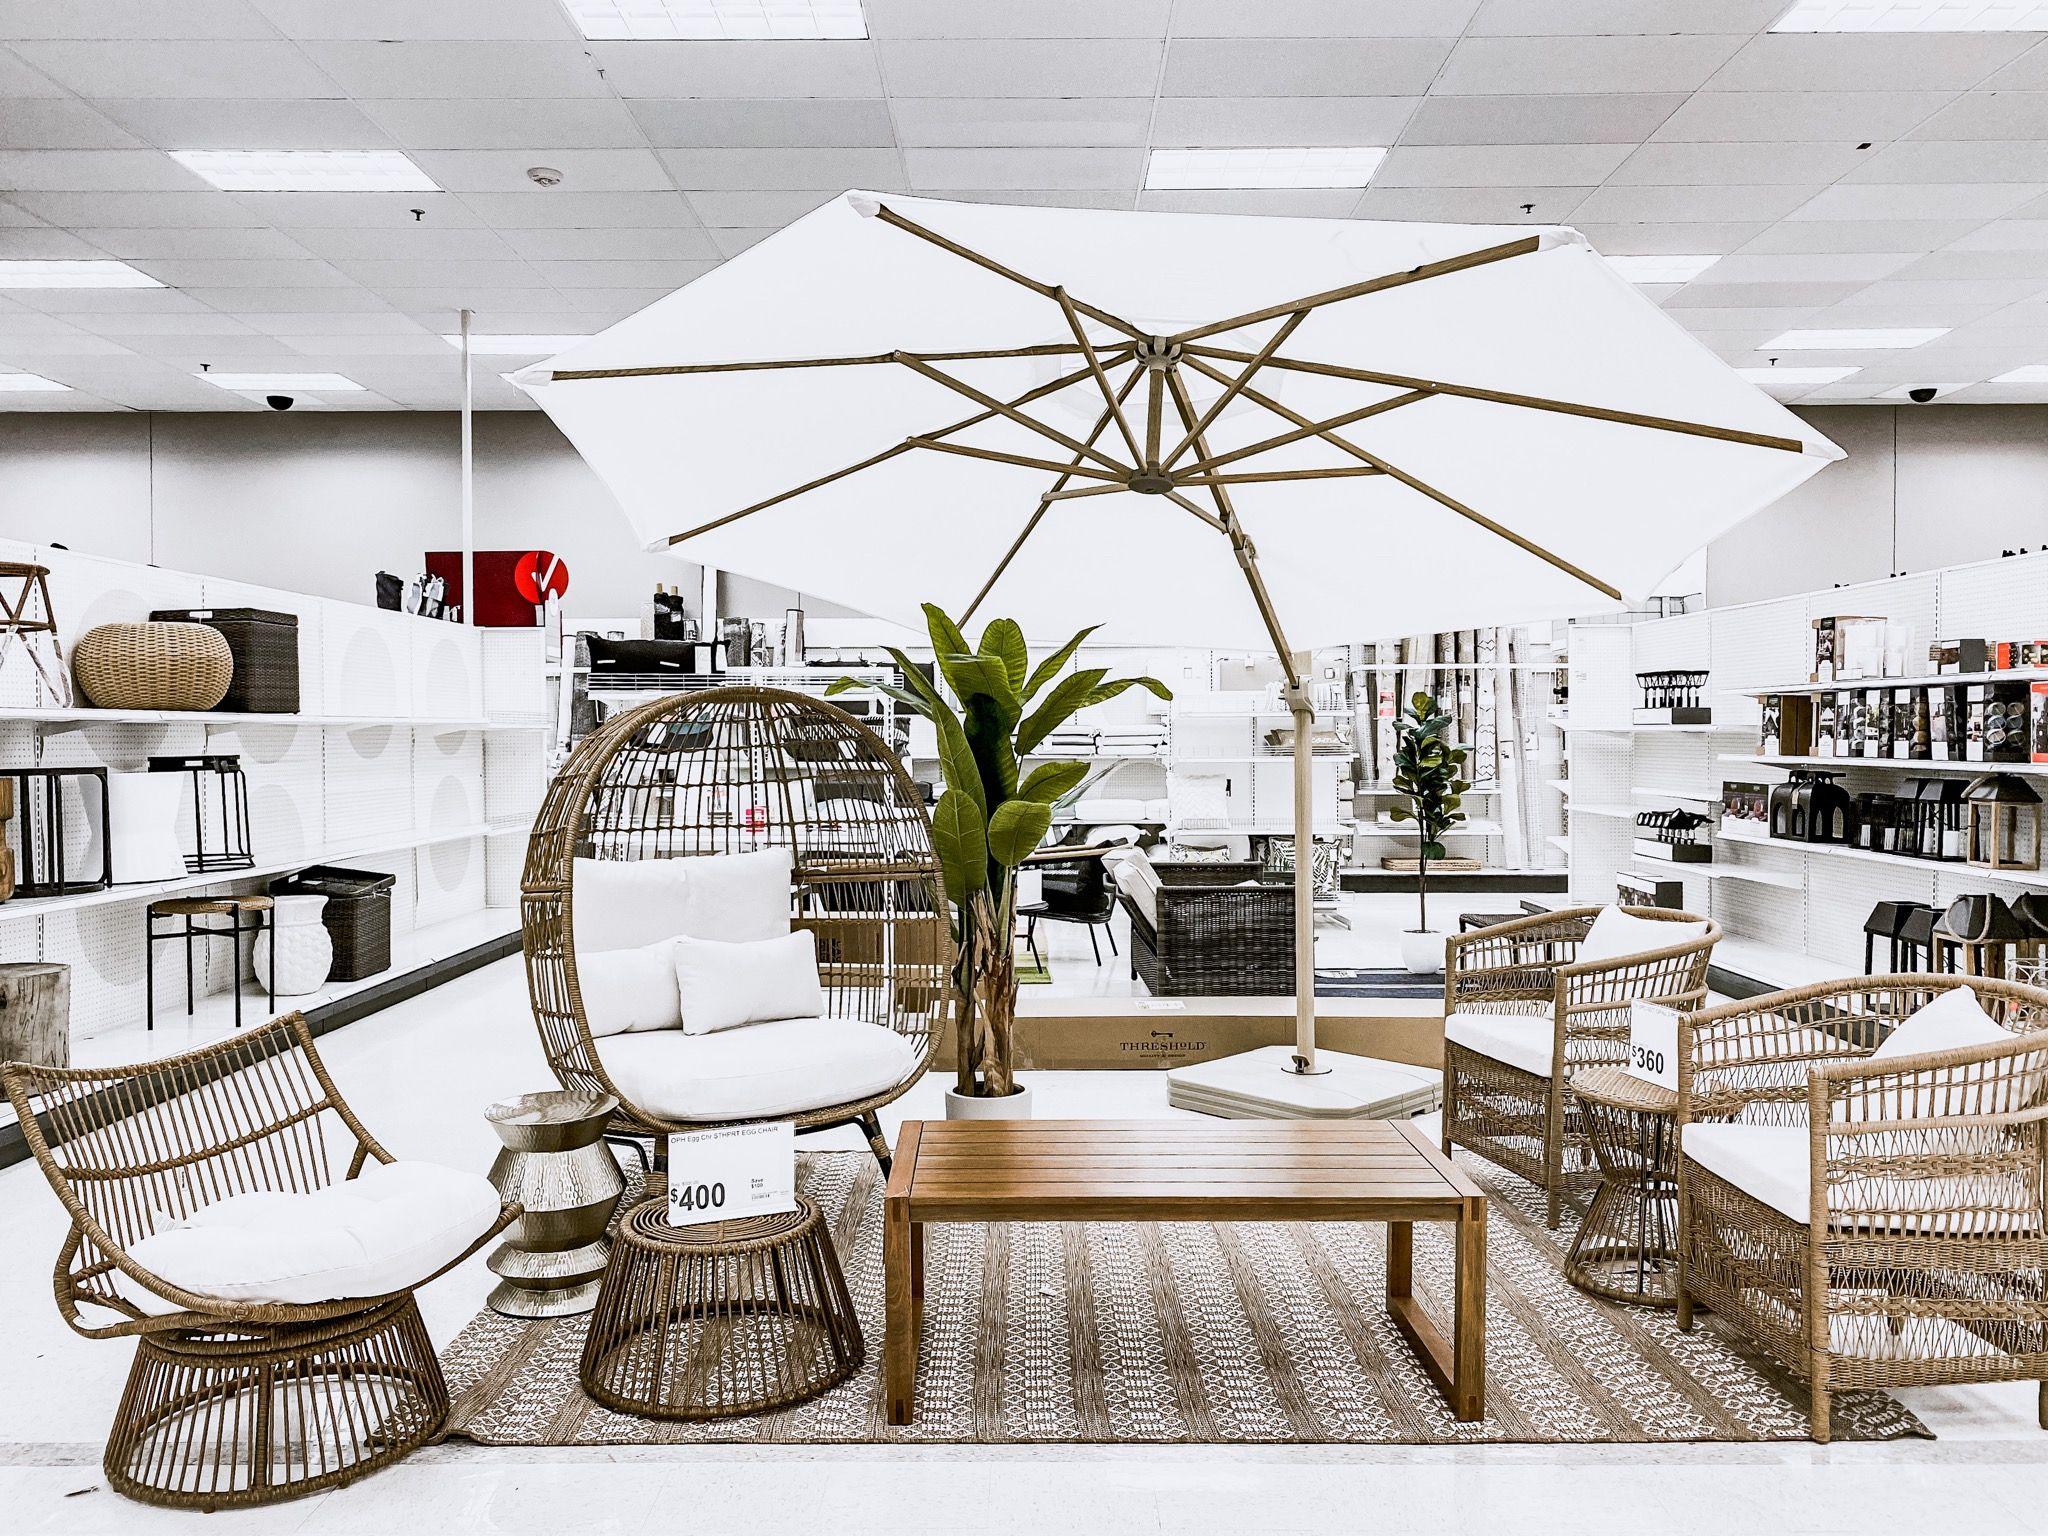 Target Outdoor Furniture In 2020 Target Patio Furniture Target Outdoor Furniture Modern Patio Furniture